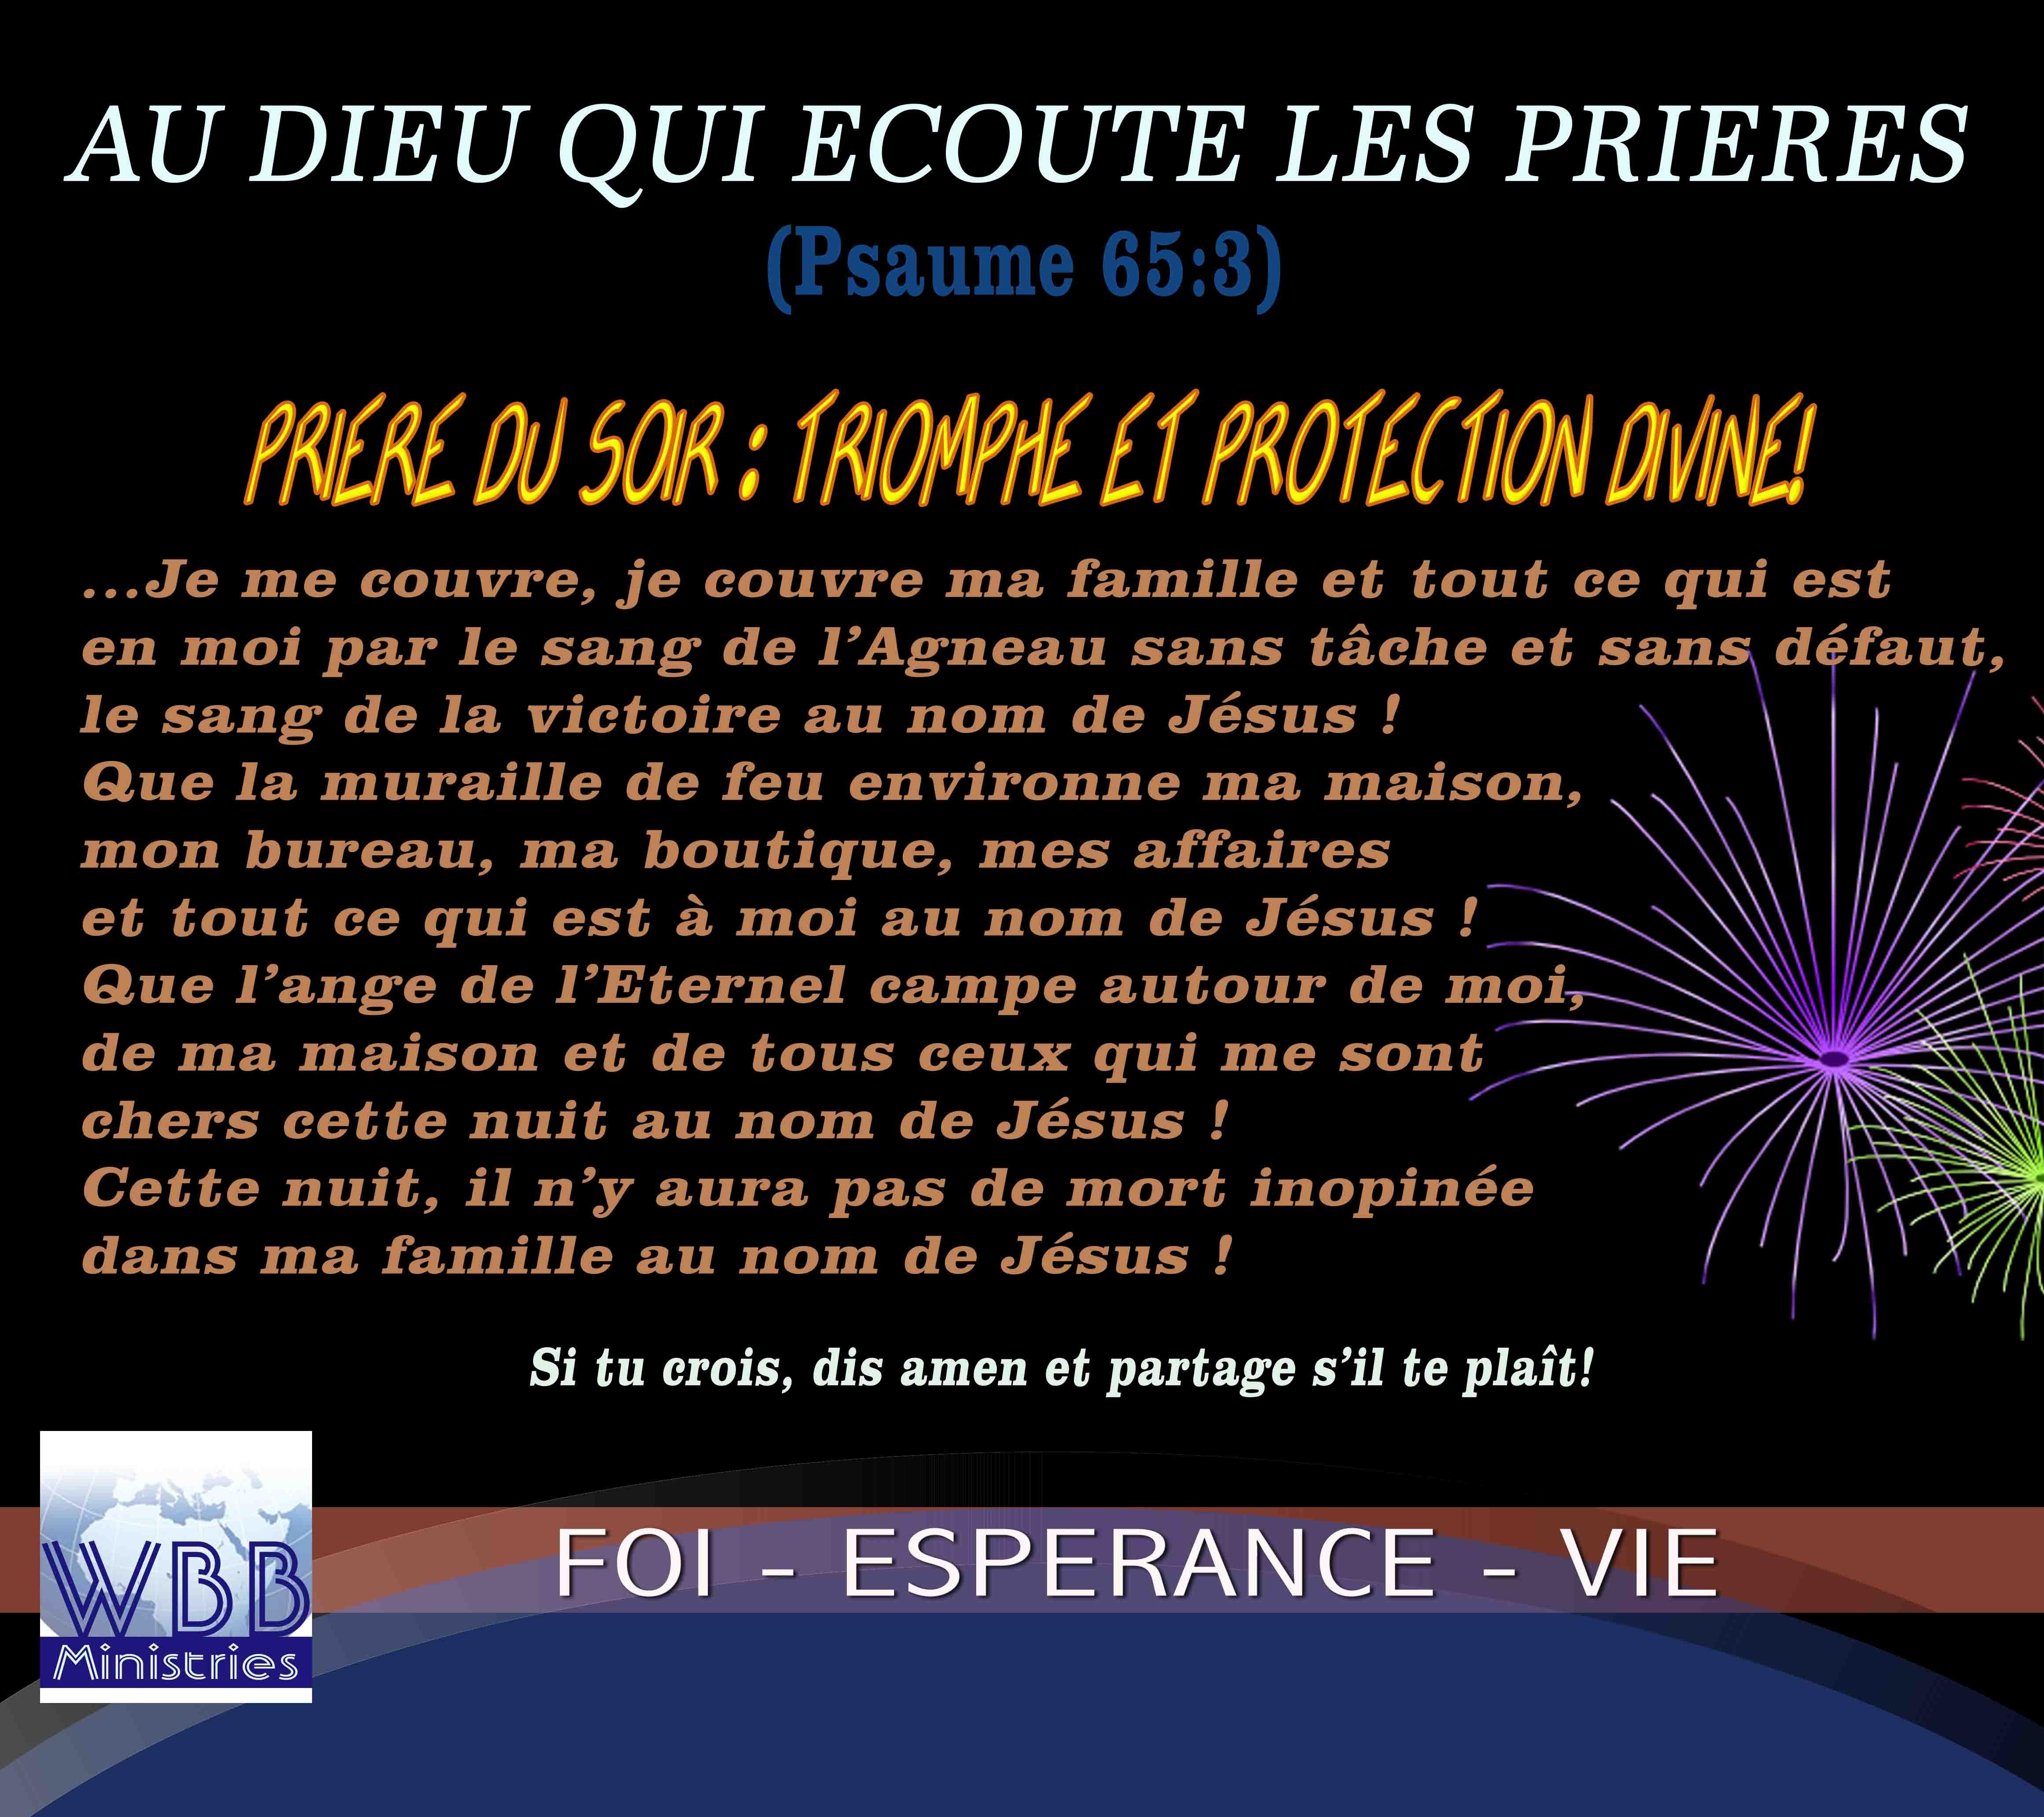 Populaire PRIERE DU SOIR : TRIOMPHE ET PROTECTION DIVINE ! – Foi, Espérance  VI47